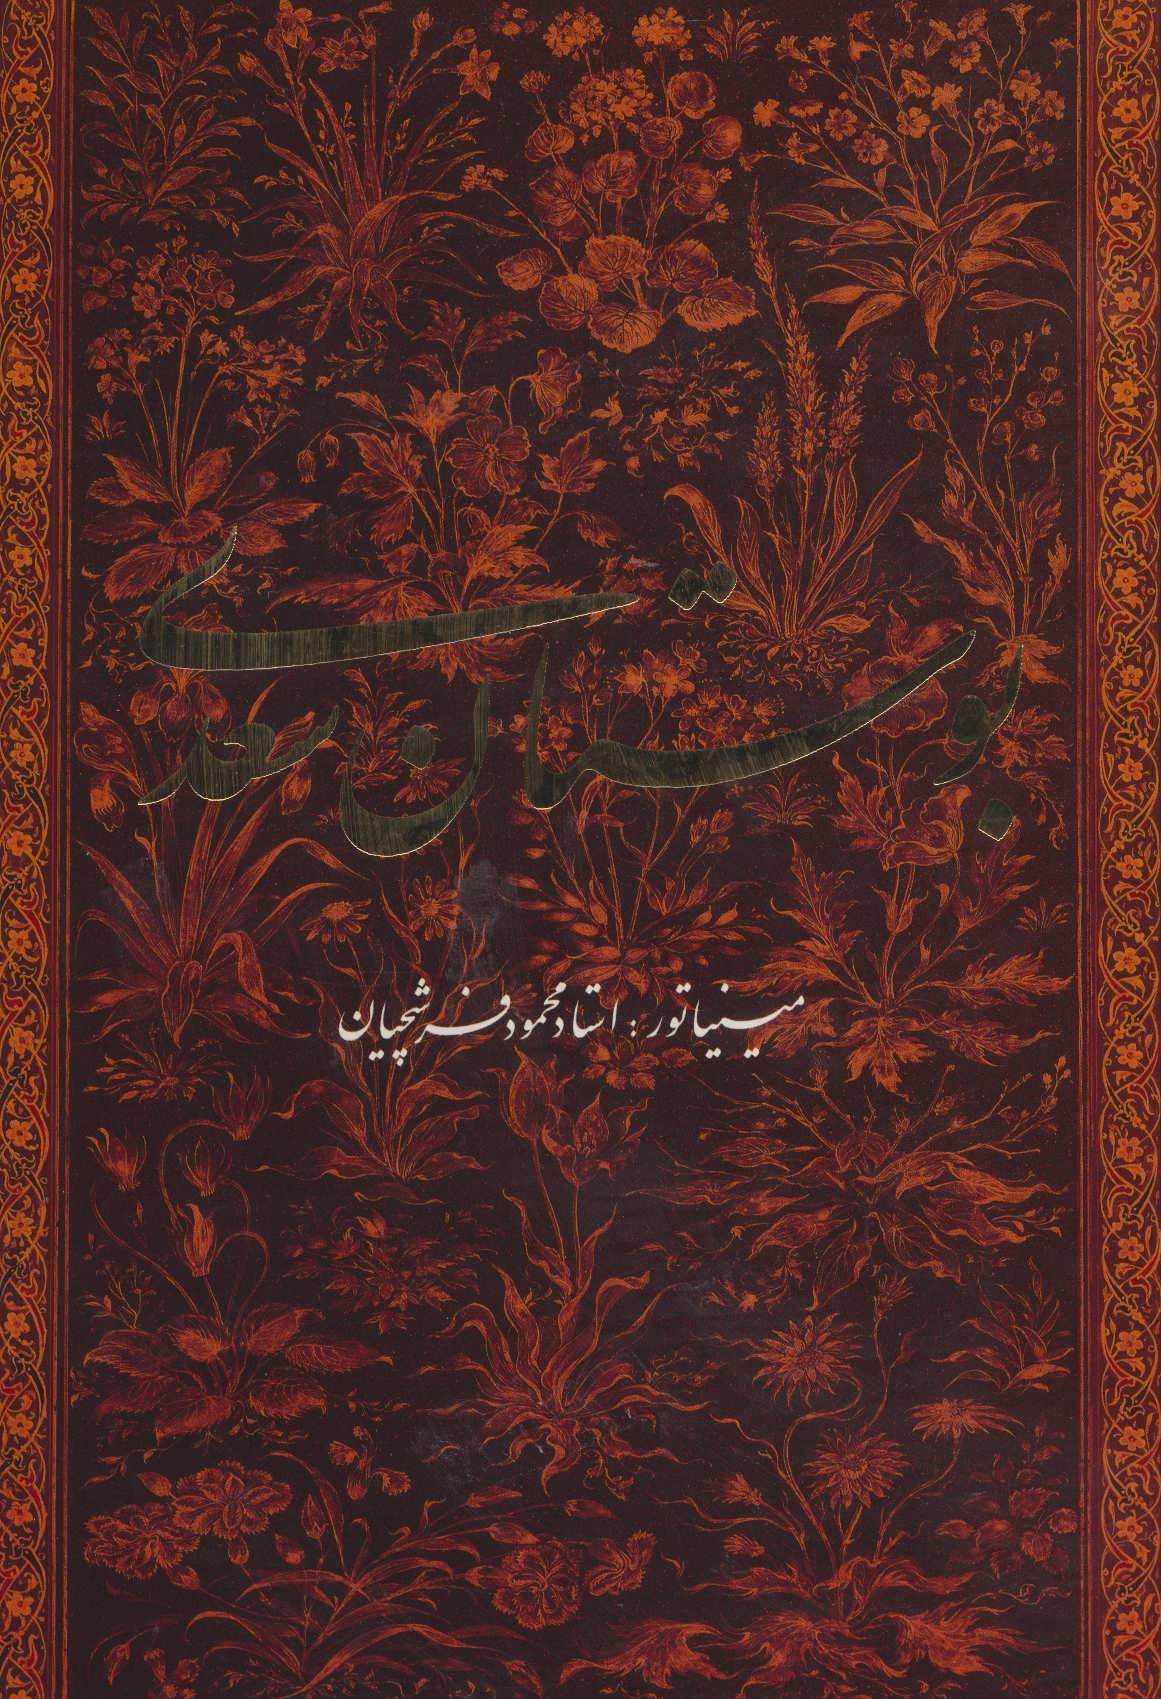 بوستان سعدي فرشچيان (2زبانه،گلاسه،باقاب)